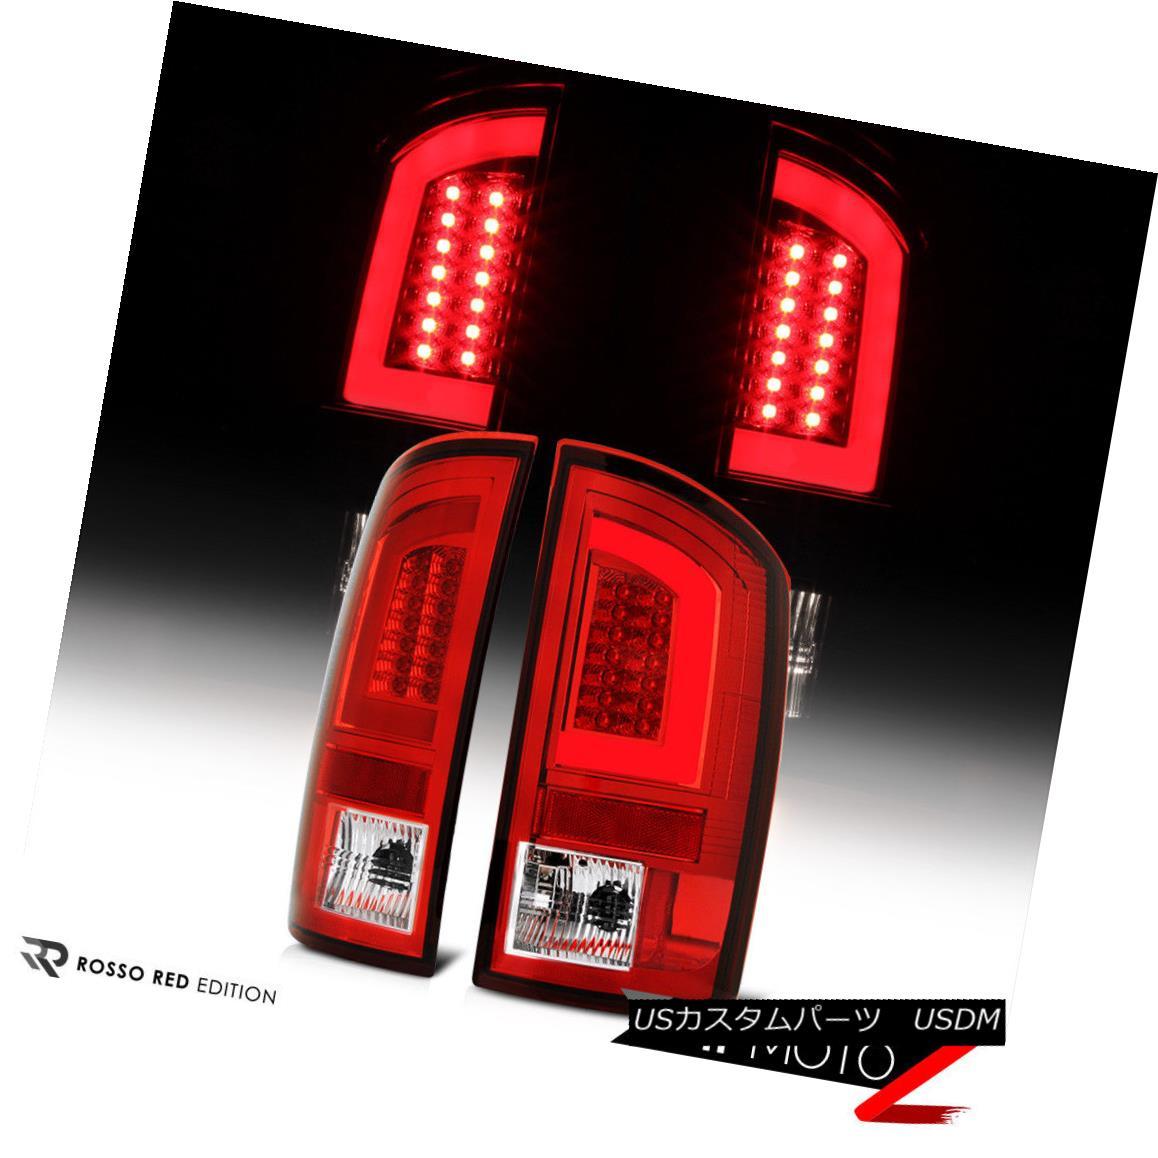 テールライト 07-08 Dodge Ram Chrome Housing Red Lens LED Bar Brake Signal Lamp Tail Light 07-08ダッジラムクロームハウジングレッドレンズLEDバーブレーキ信号ランプテールライト